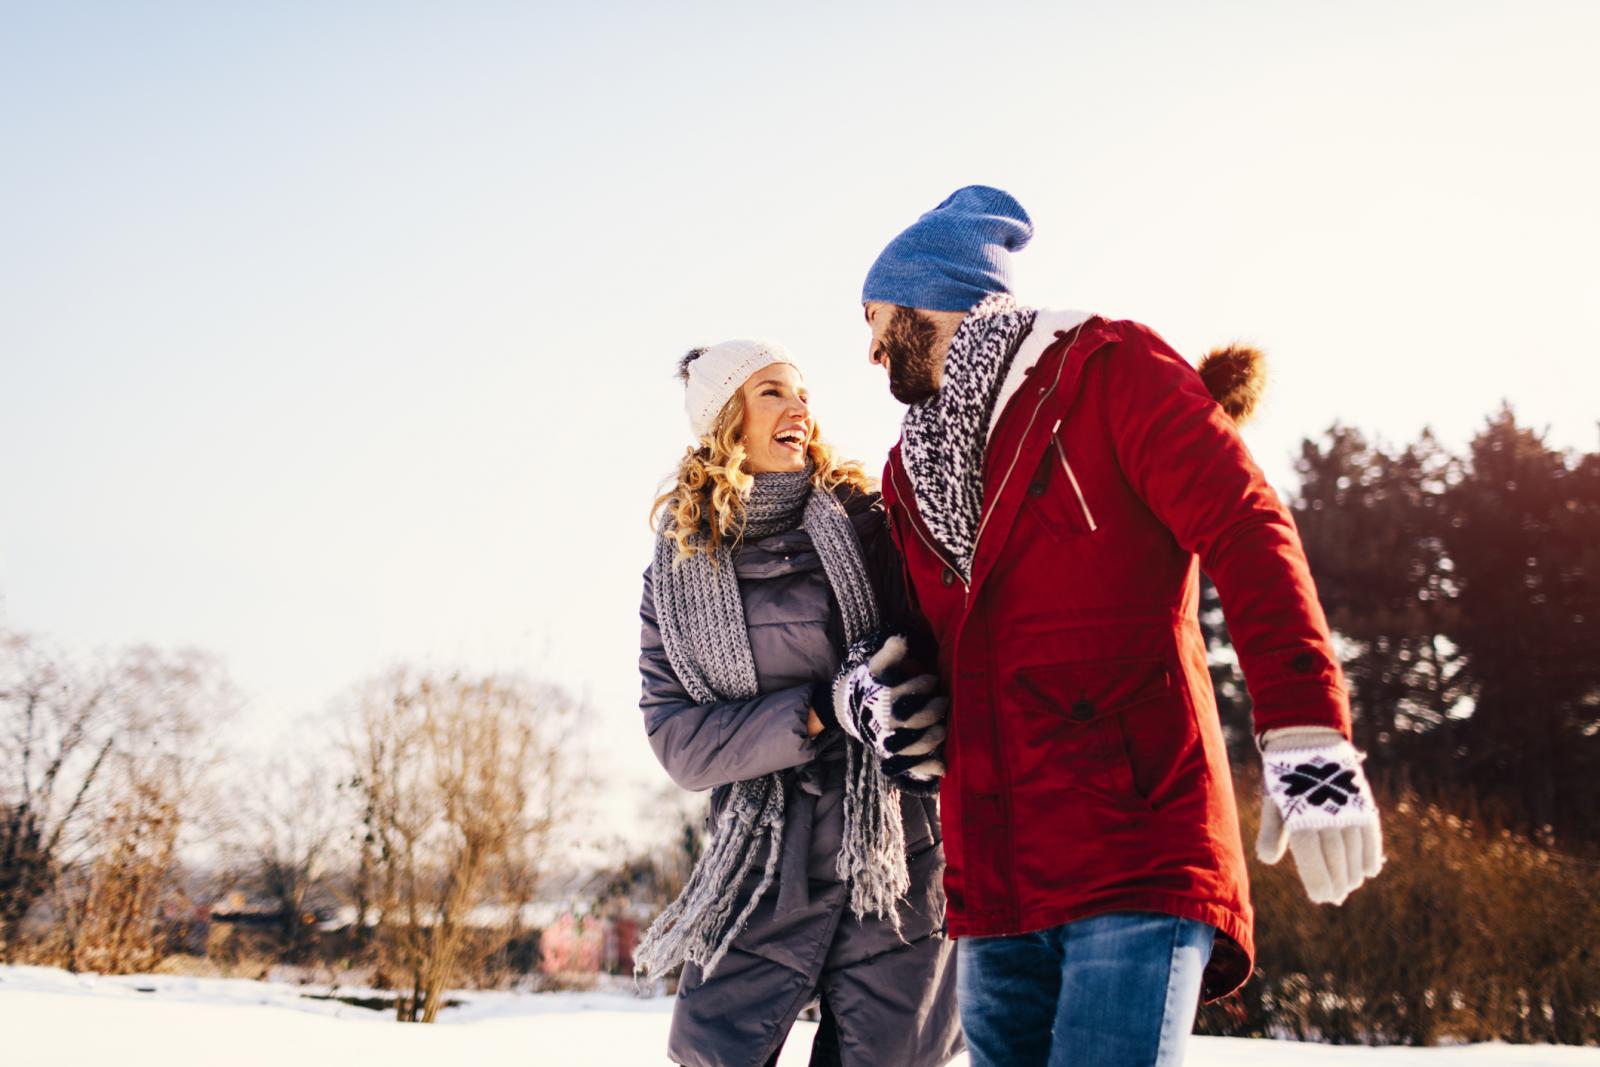 Posebnu pažnju treba posvetiti onim dijelovima tijela koji su posebno izloženi zimi.